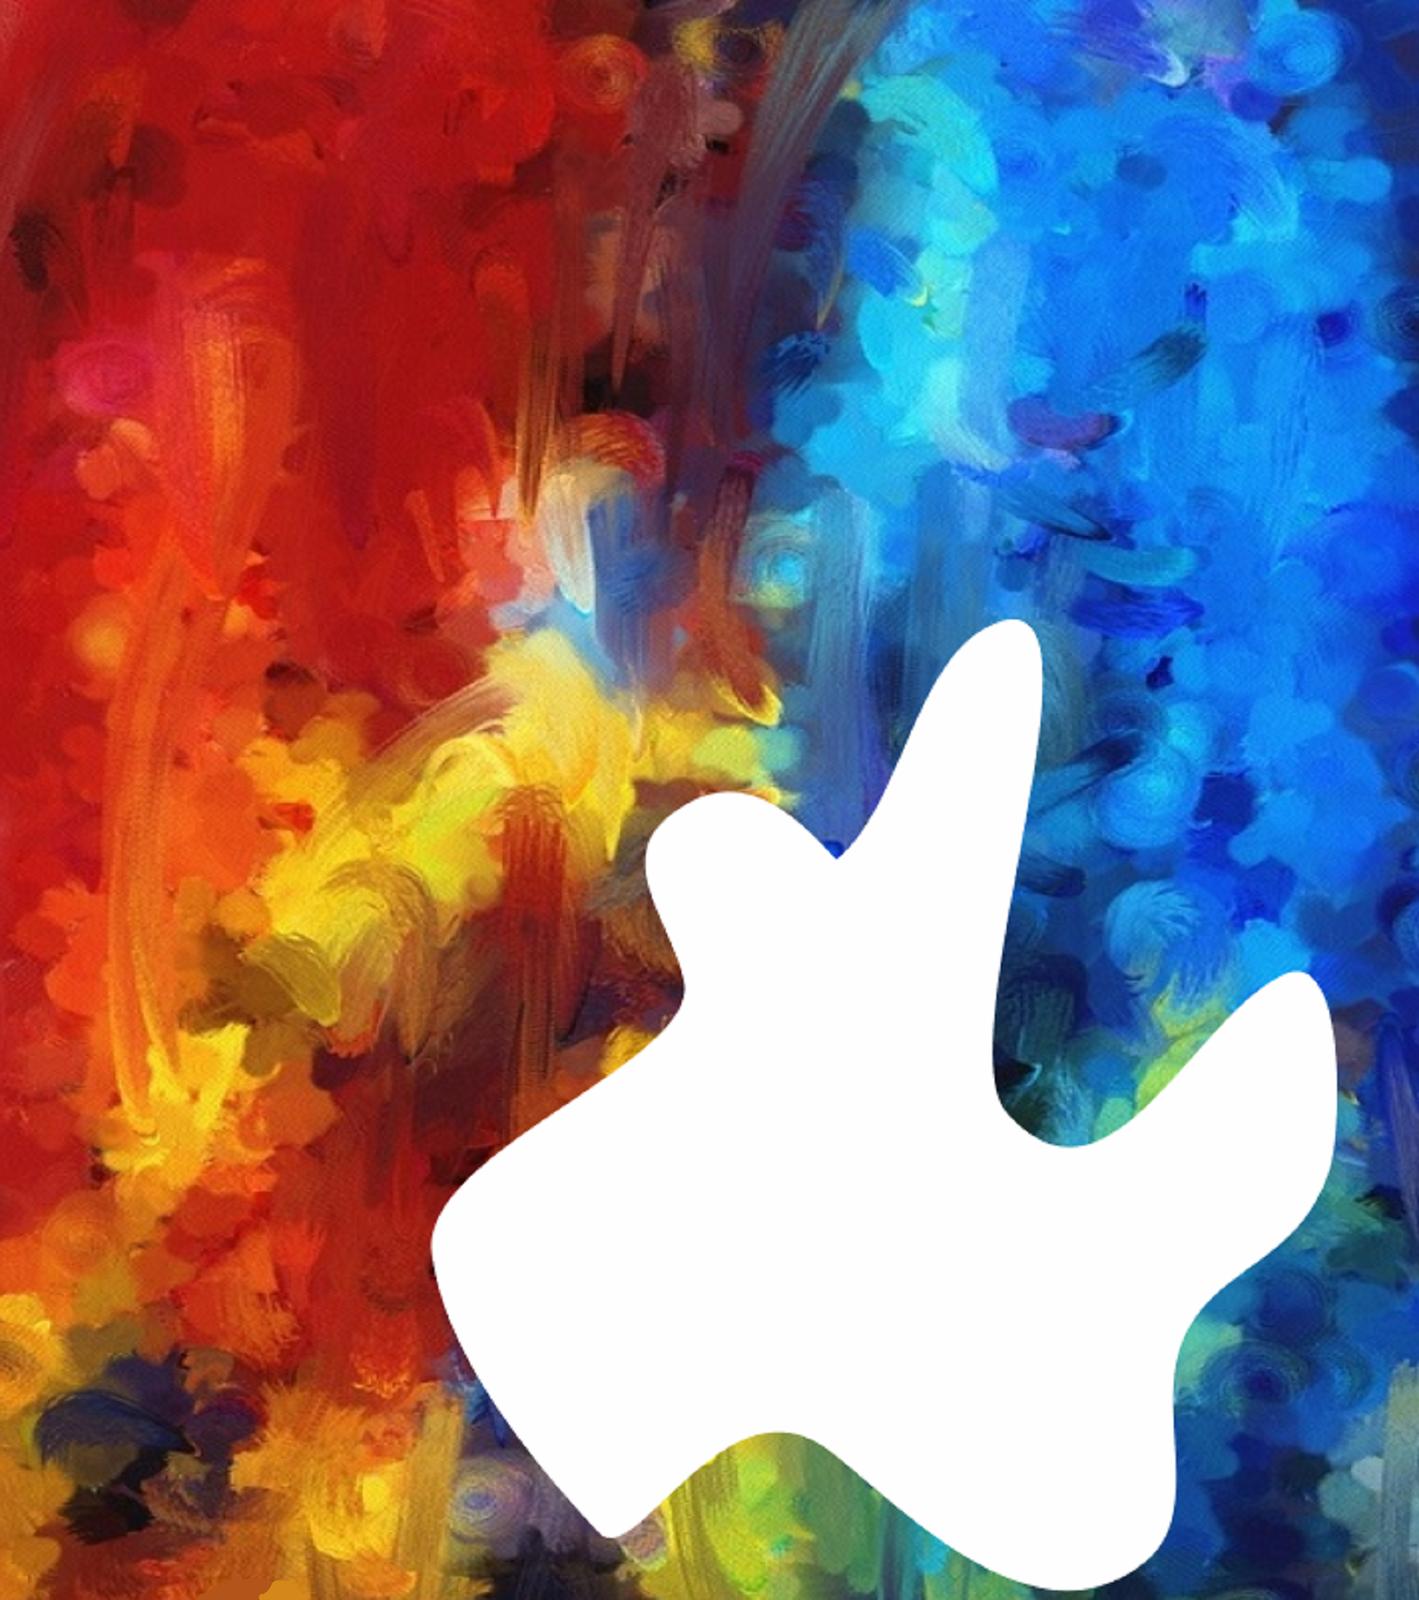 Ilustracja przedstawia abstrakcyjną pracę opartą na wykorzystaniu plamy barwnej. Ukazuje nasycone plamy wodcieniach czerwieni, błękitu iżółtego. Udołu znajduje się biała plama onieregularnych kształtach, będąca luką wobrazie .